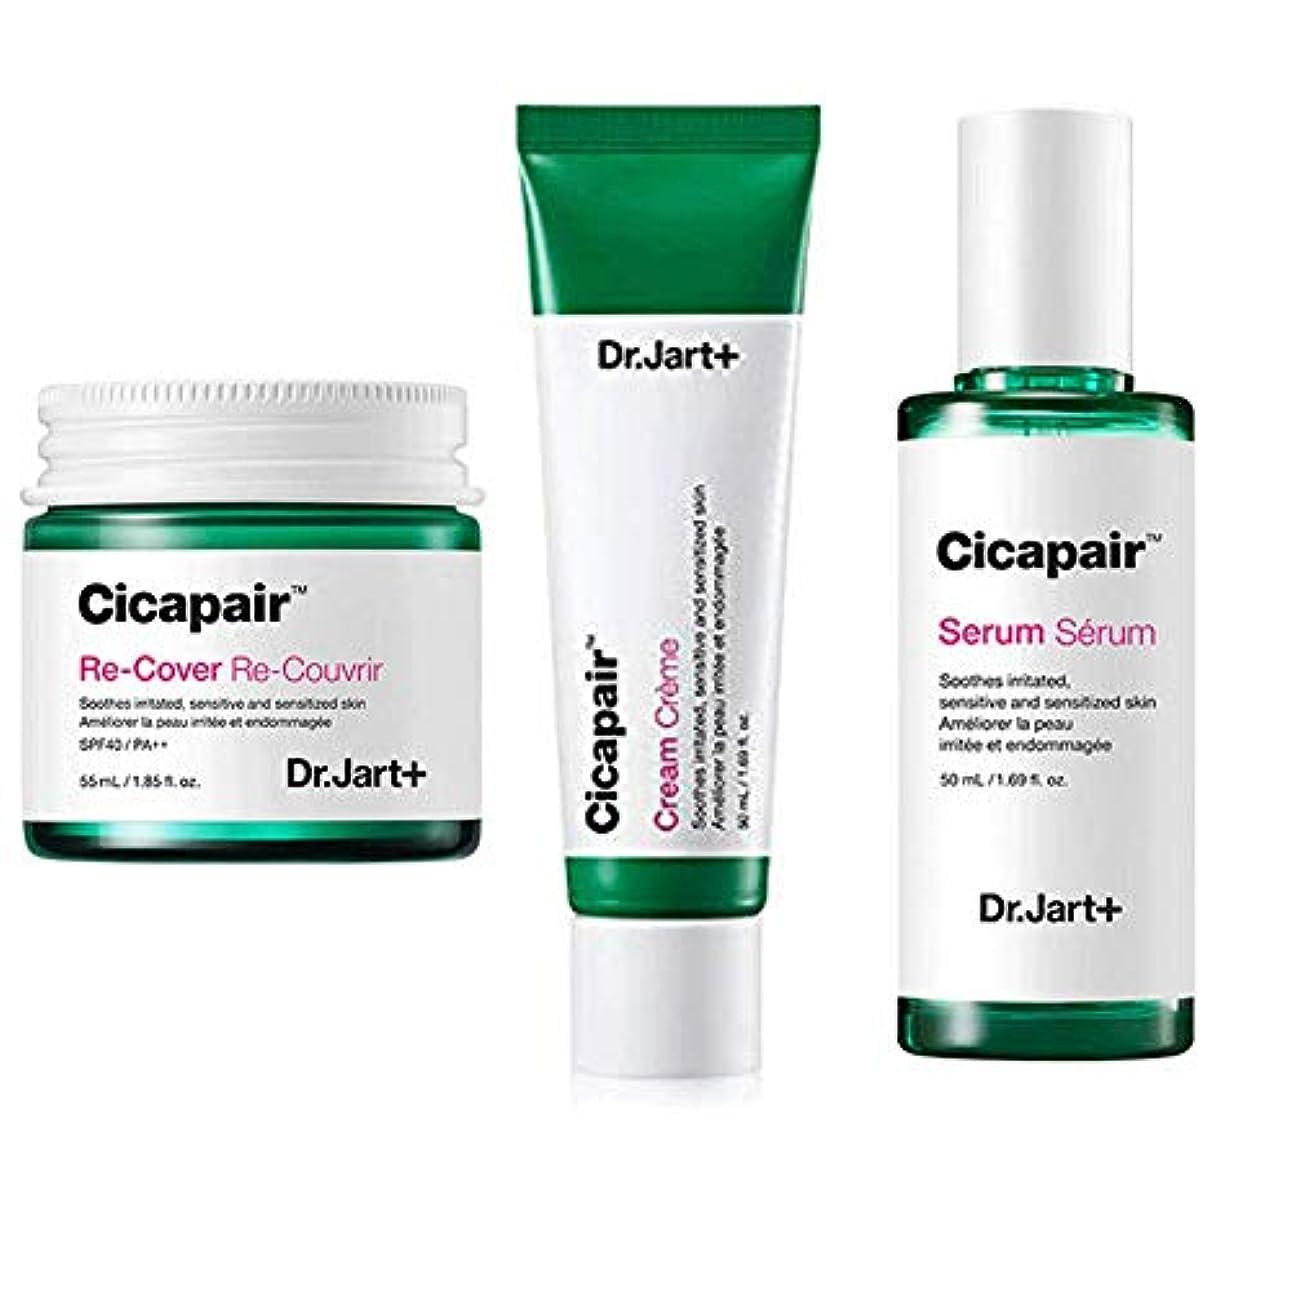 摂氏前件唇Dr.Jart+ Cicapair Cream + ReCover + Serum ドクタージャルトシカペアクリーム50ml + リカバー 55ml + セラム 50ml(2代目) セット [並行輸入品]